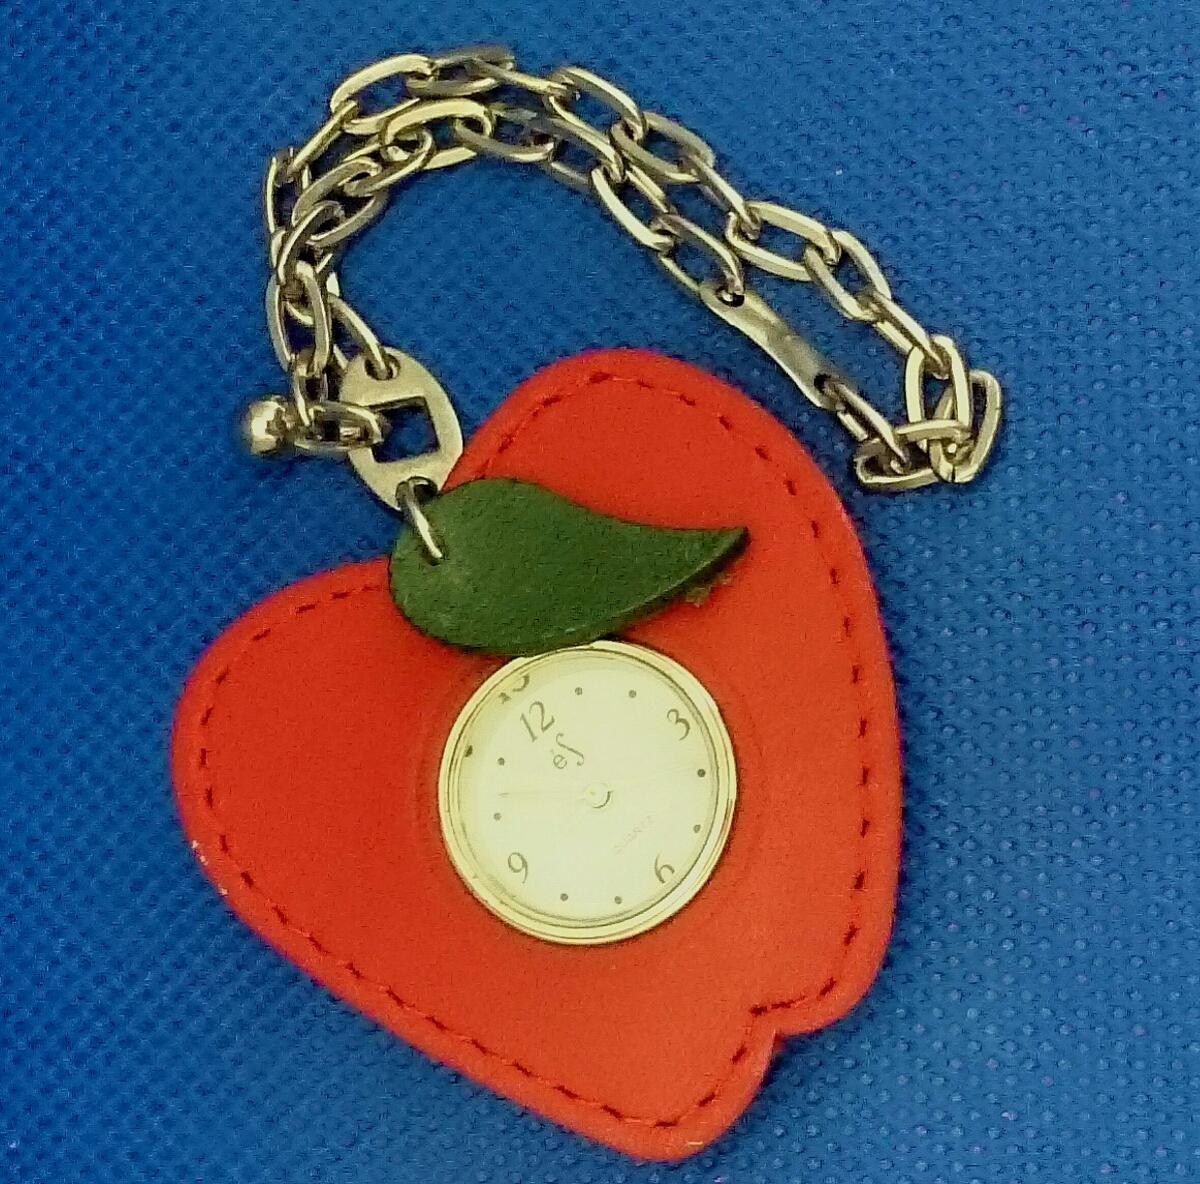 【かわいい♪】レザー風フレーム付き リンゴ アップル型 クォーツ式 ウォッチ付きチャーム キーホルダー 電池切れ 動作未確認 懐中時計_画像2